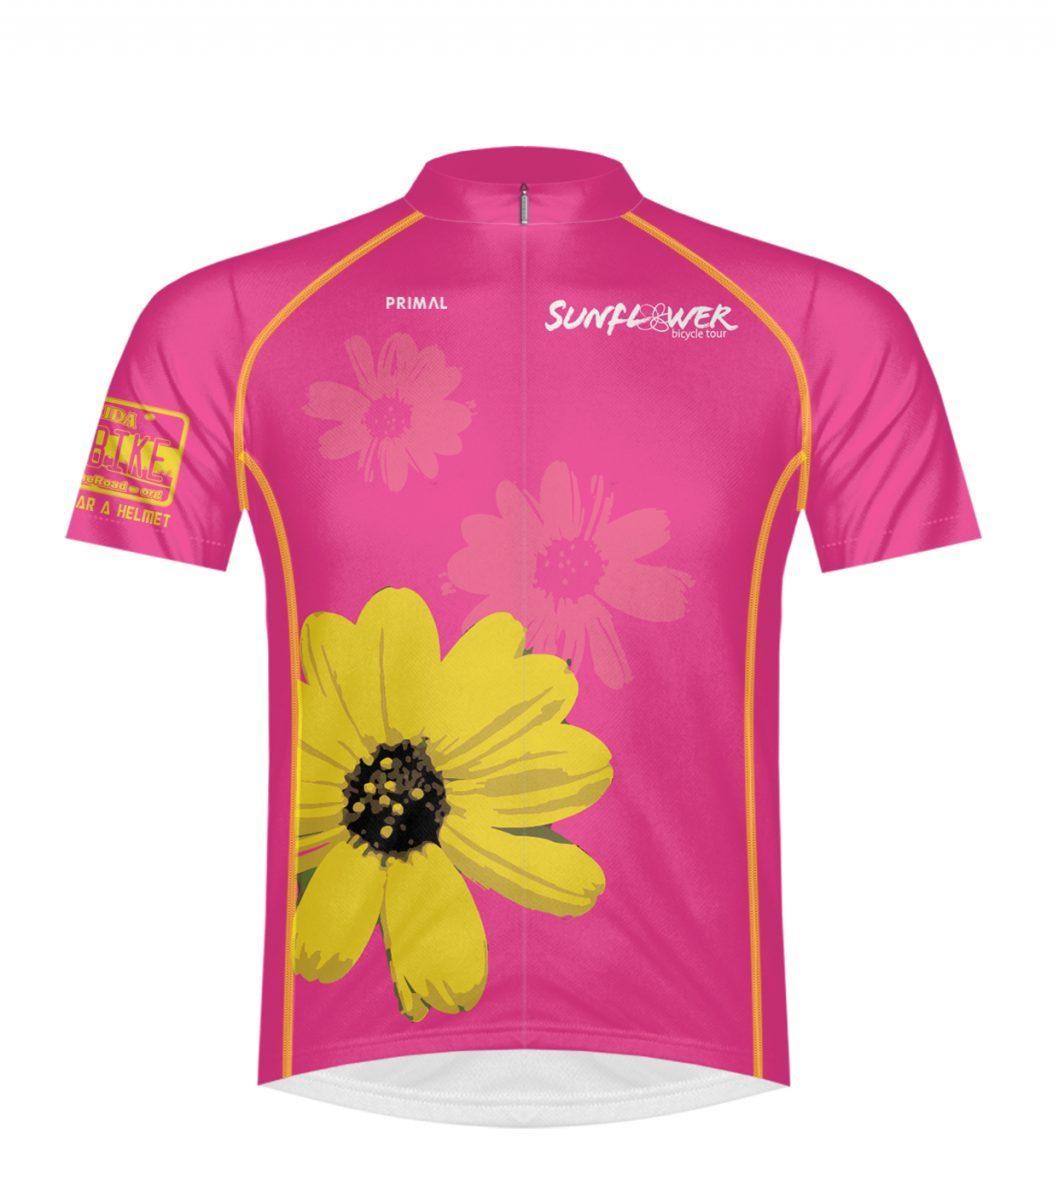 Sunflower Tour Event Jersey